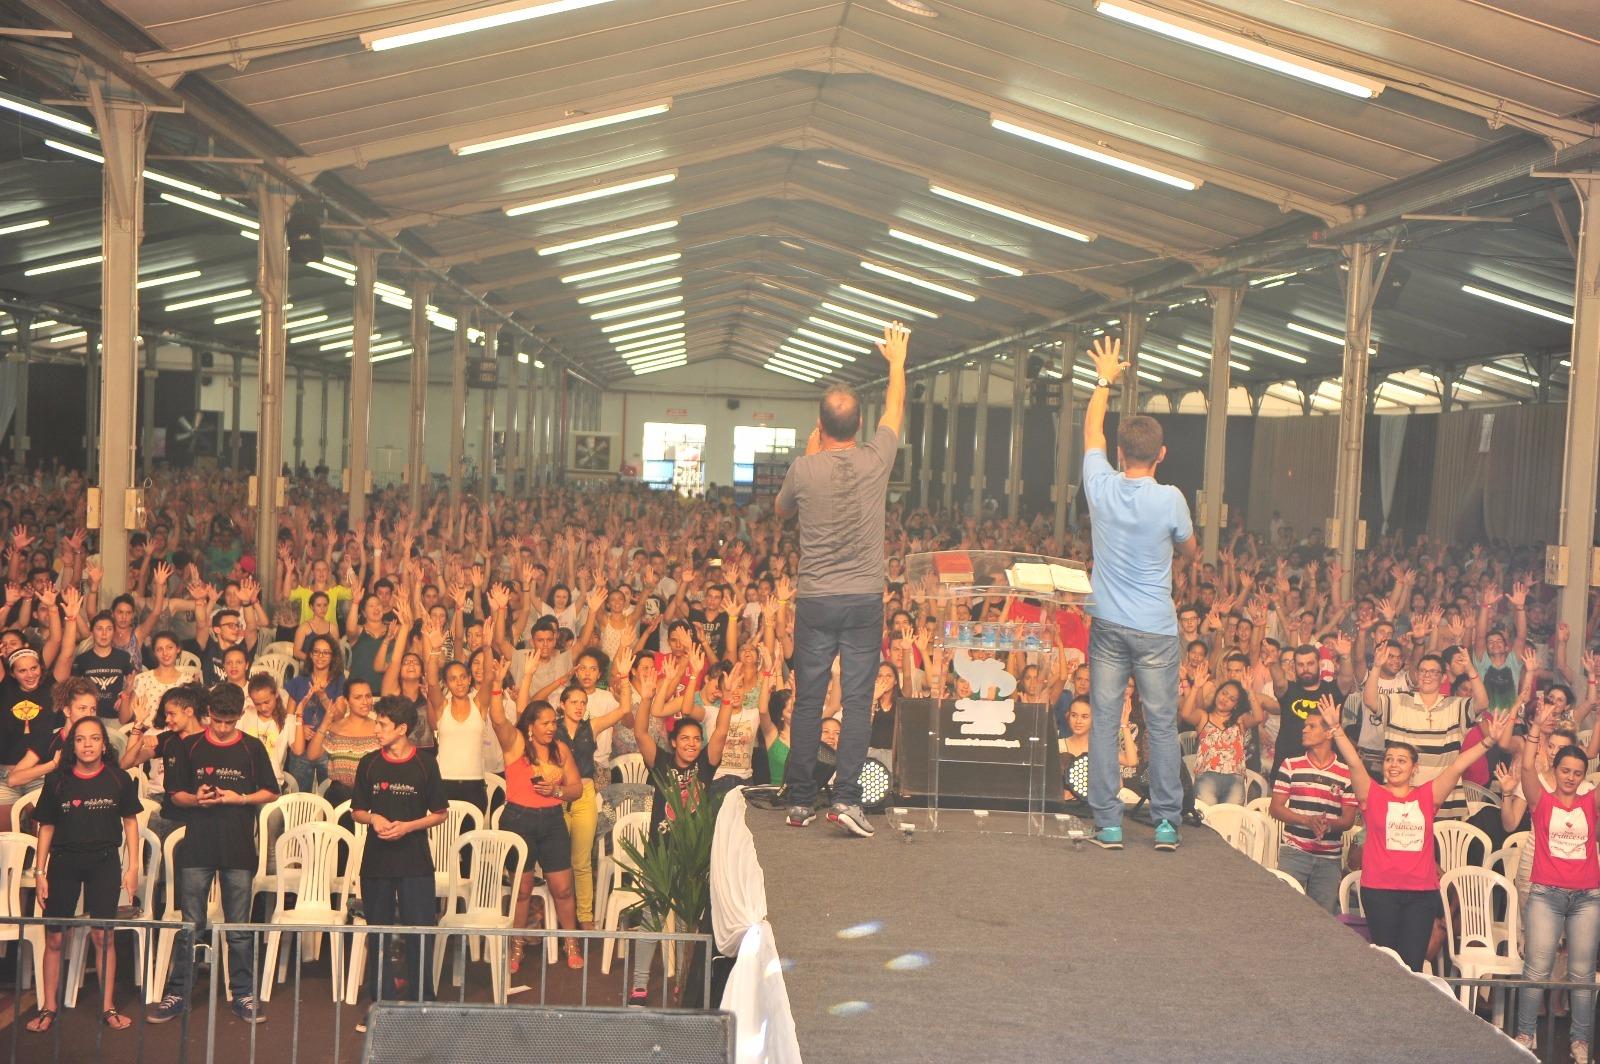 Movimento de Cascavel promove encontro com mais de 25 horas de música e louvor